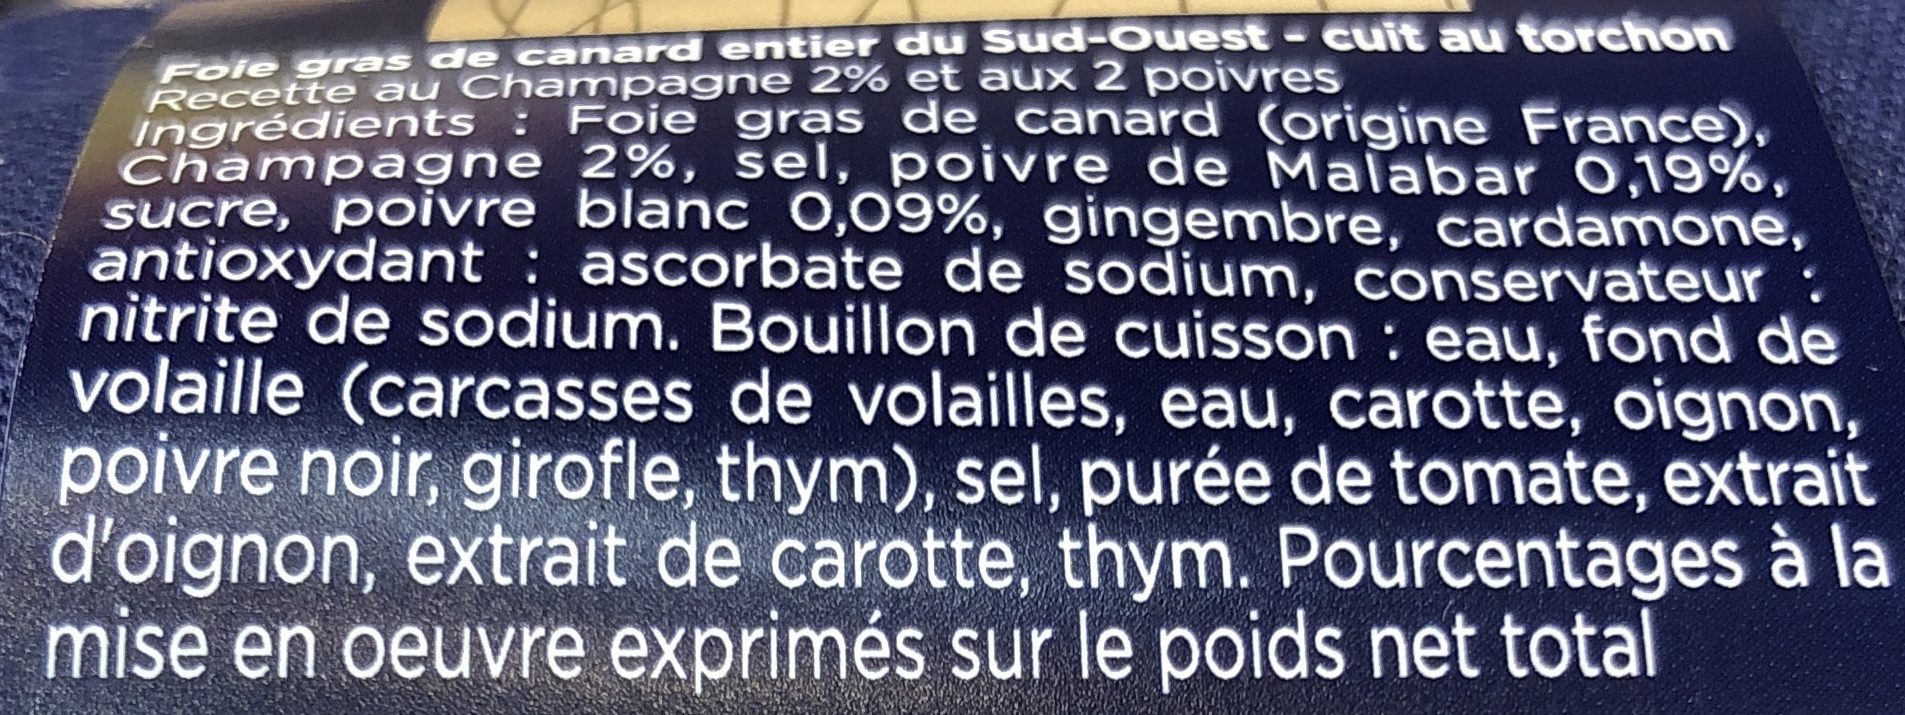 Foie Gras de Canard Entier du Sud-Ouest Grande Sélection - Ingredients